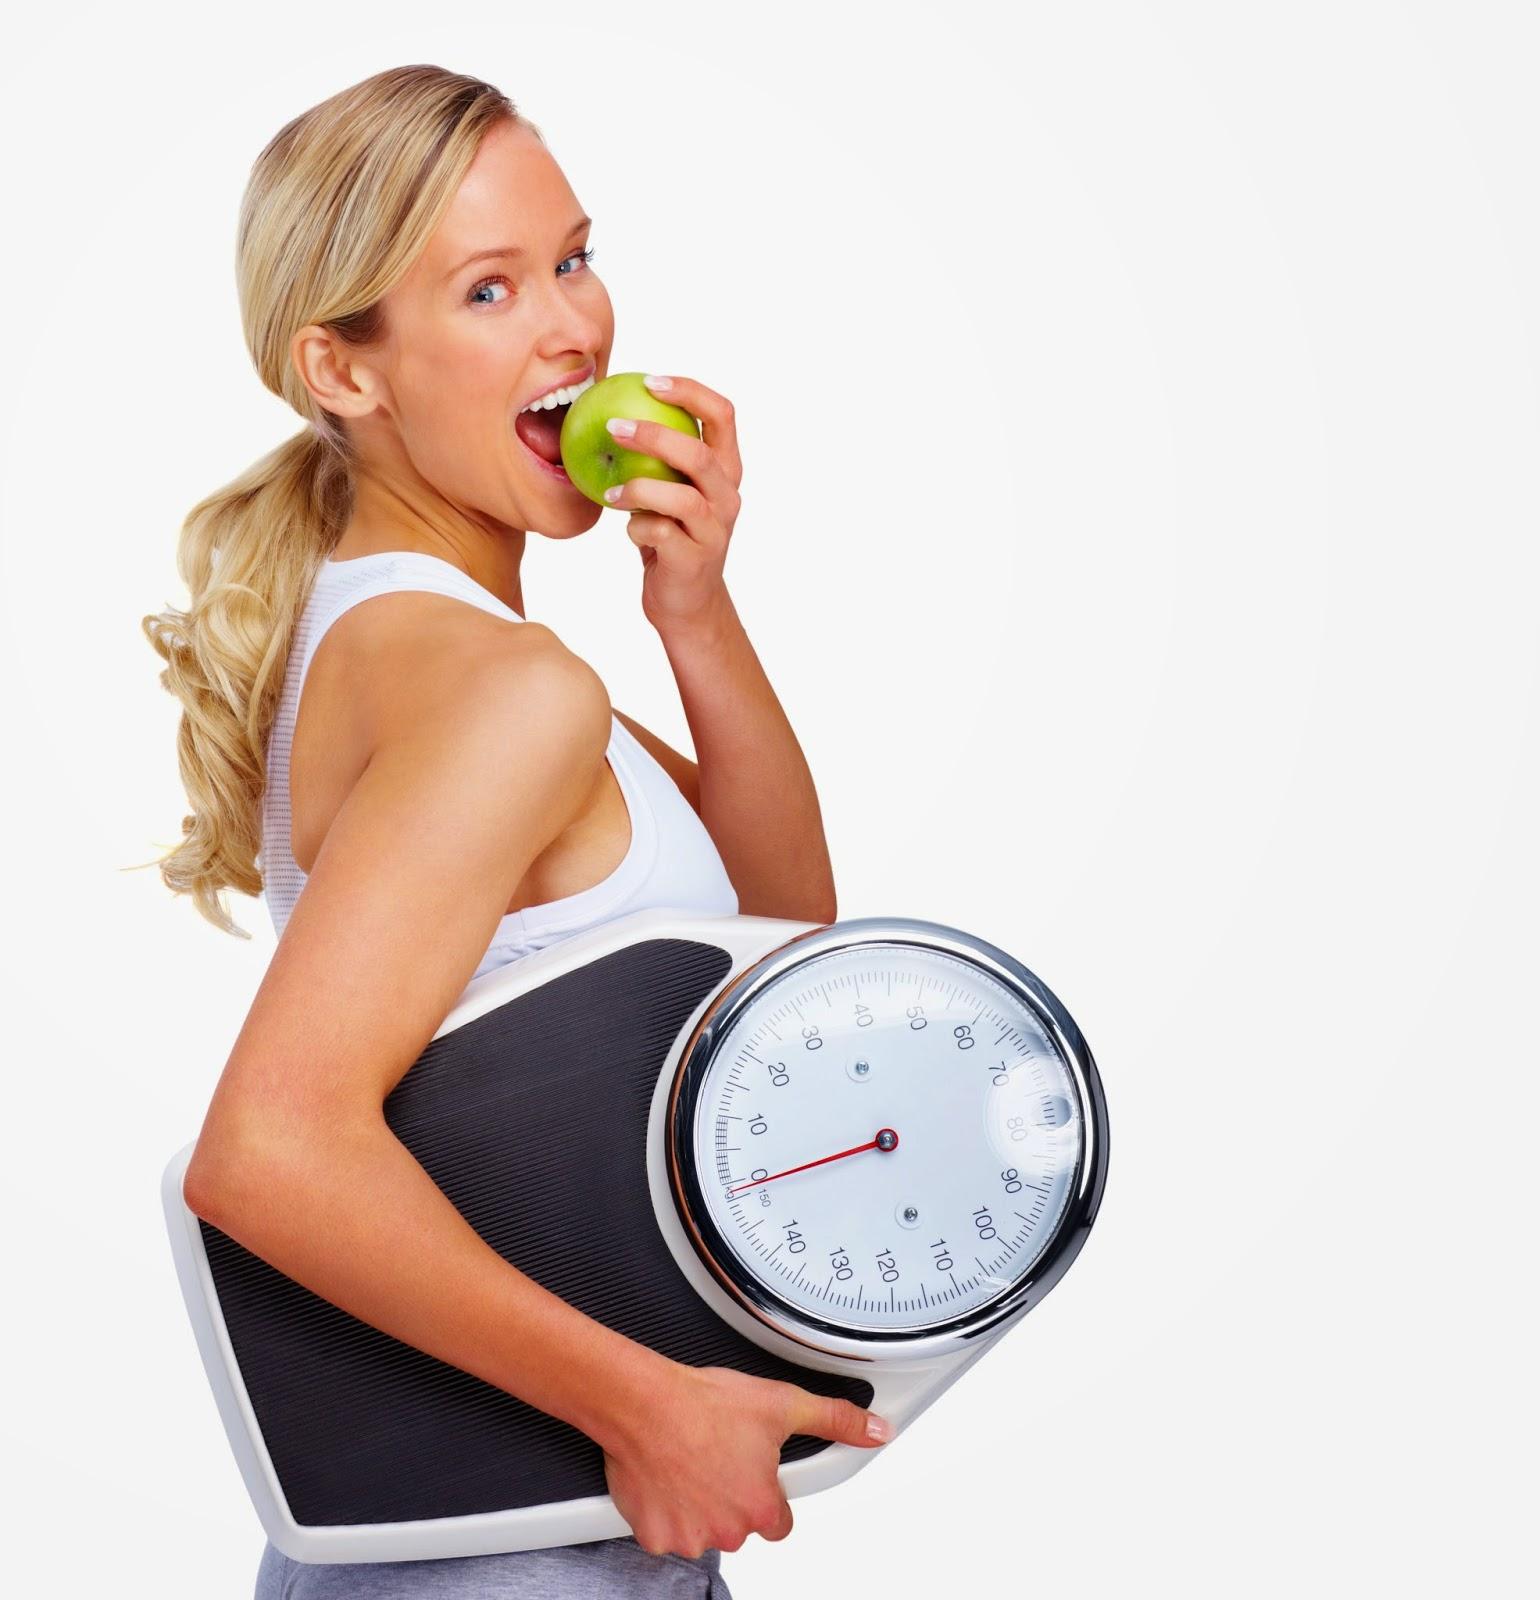 Los quemadores de grasa complementan la alimentación y el ejercicio